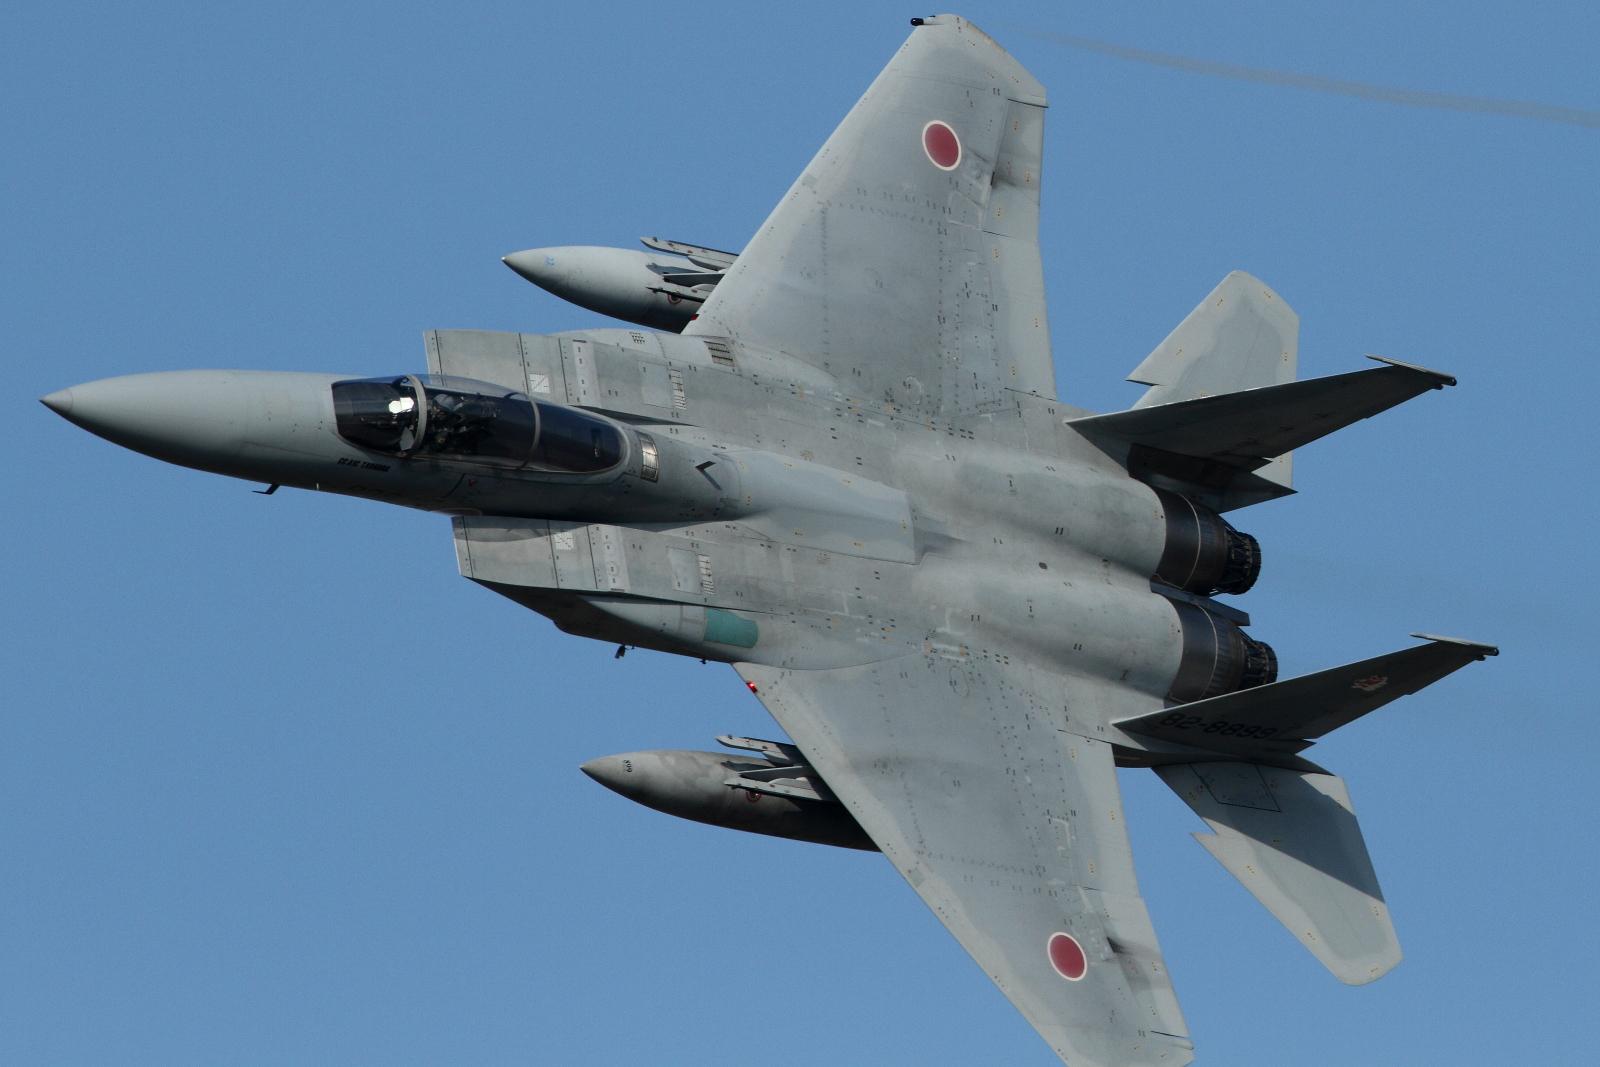 USAF F15 Strike Eagle full afterburner takeoff  RAF Fairford